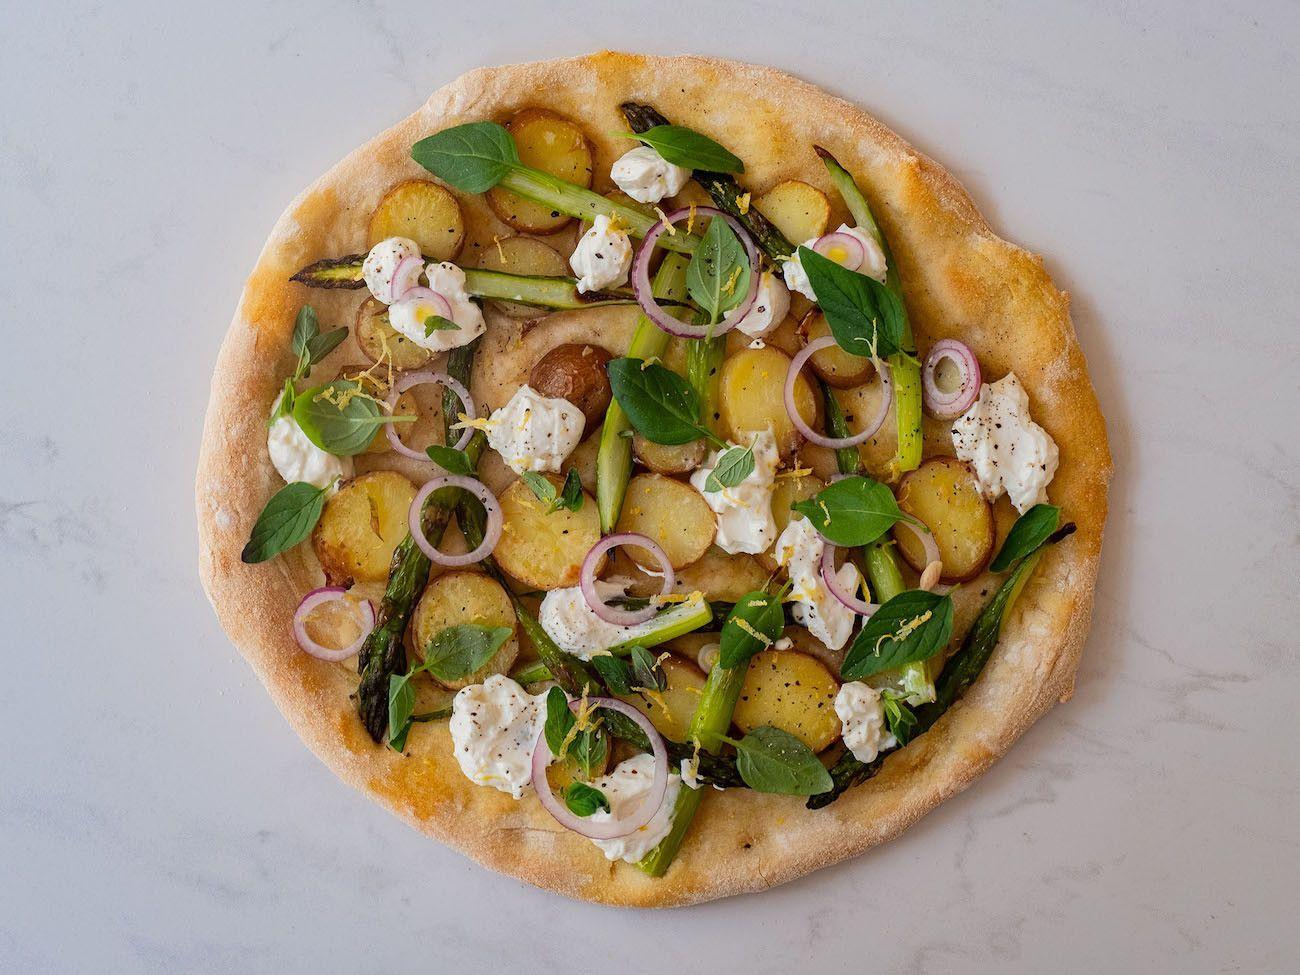 Foodblog About Fuel, Rezept Frühlingspizza mit grünerm Spargel, Frühkartoffeln und Ricotta, Oregano, rote Zwiebel